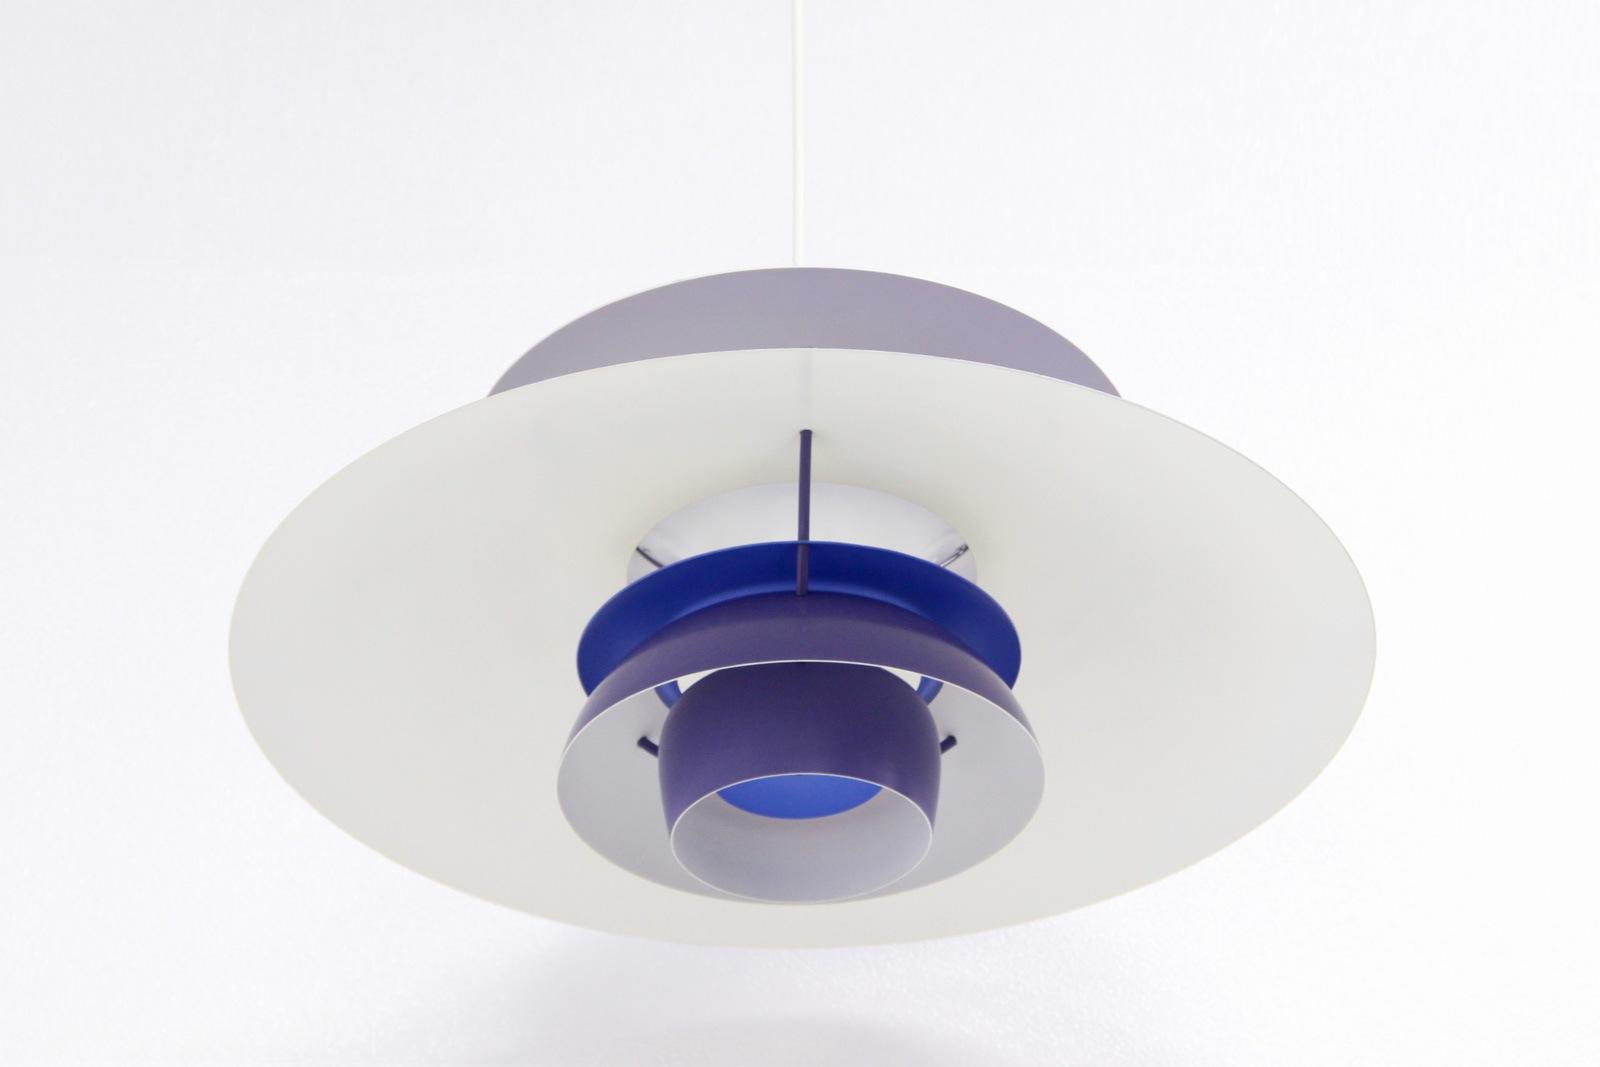 ルイスポールセン,PH5,紫,ヴィンテージ,北欧,照明